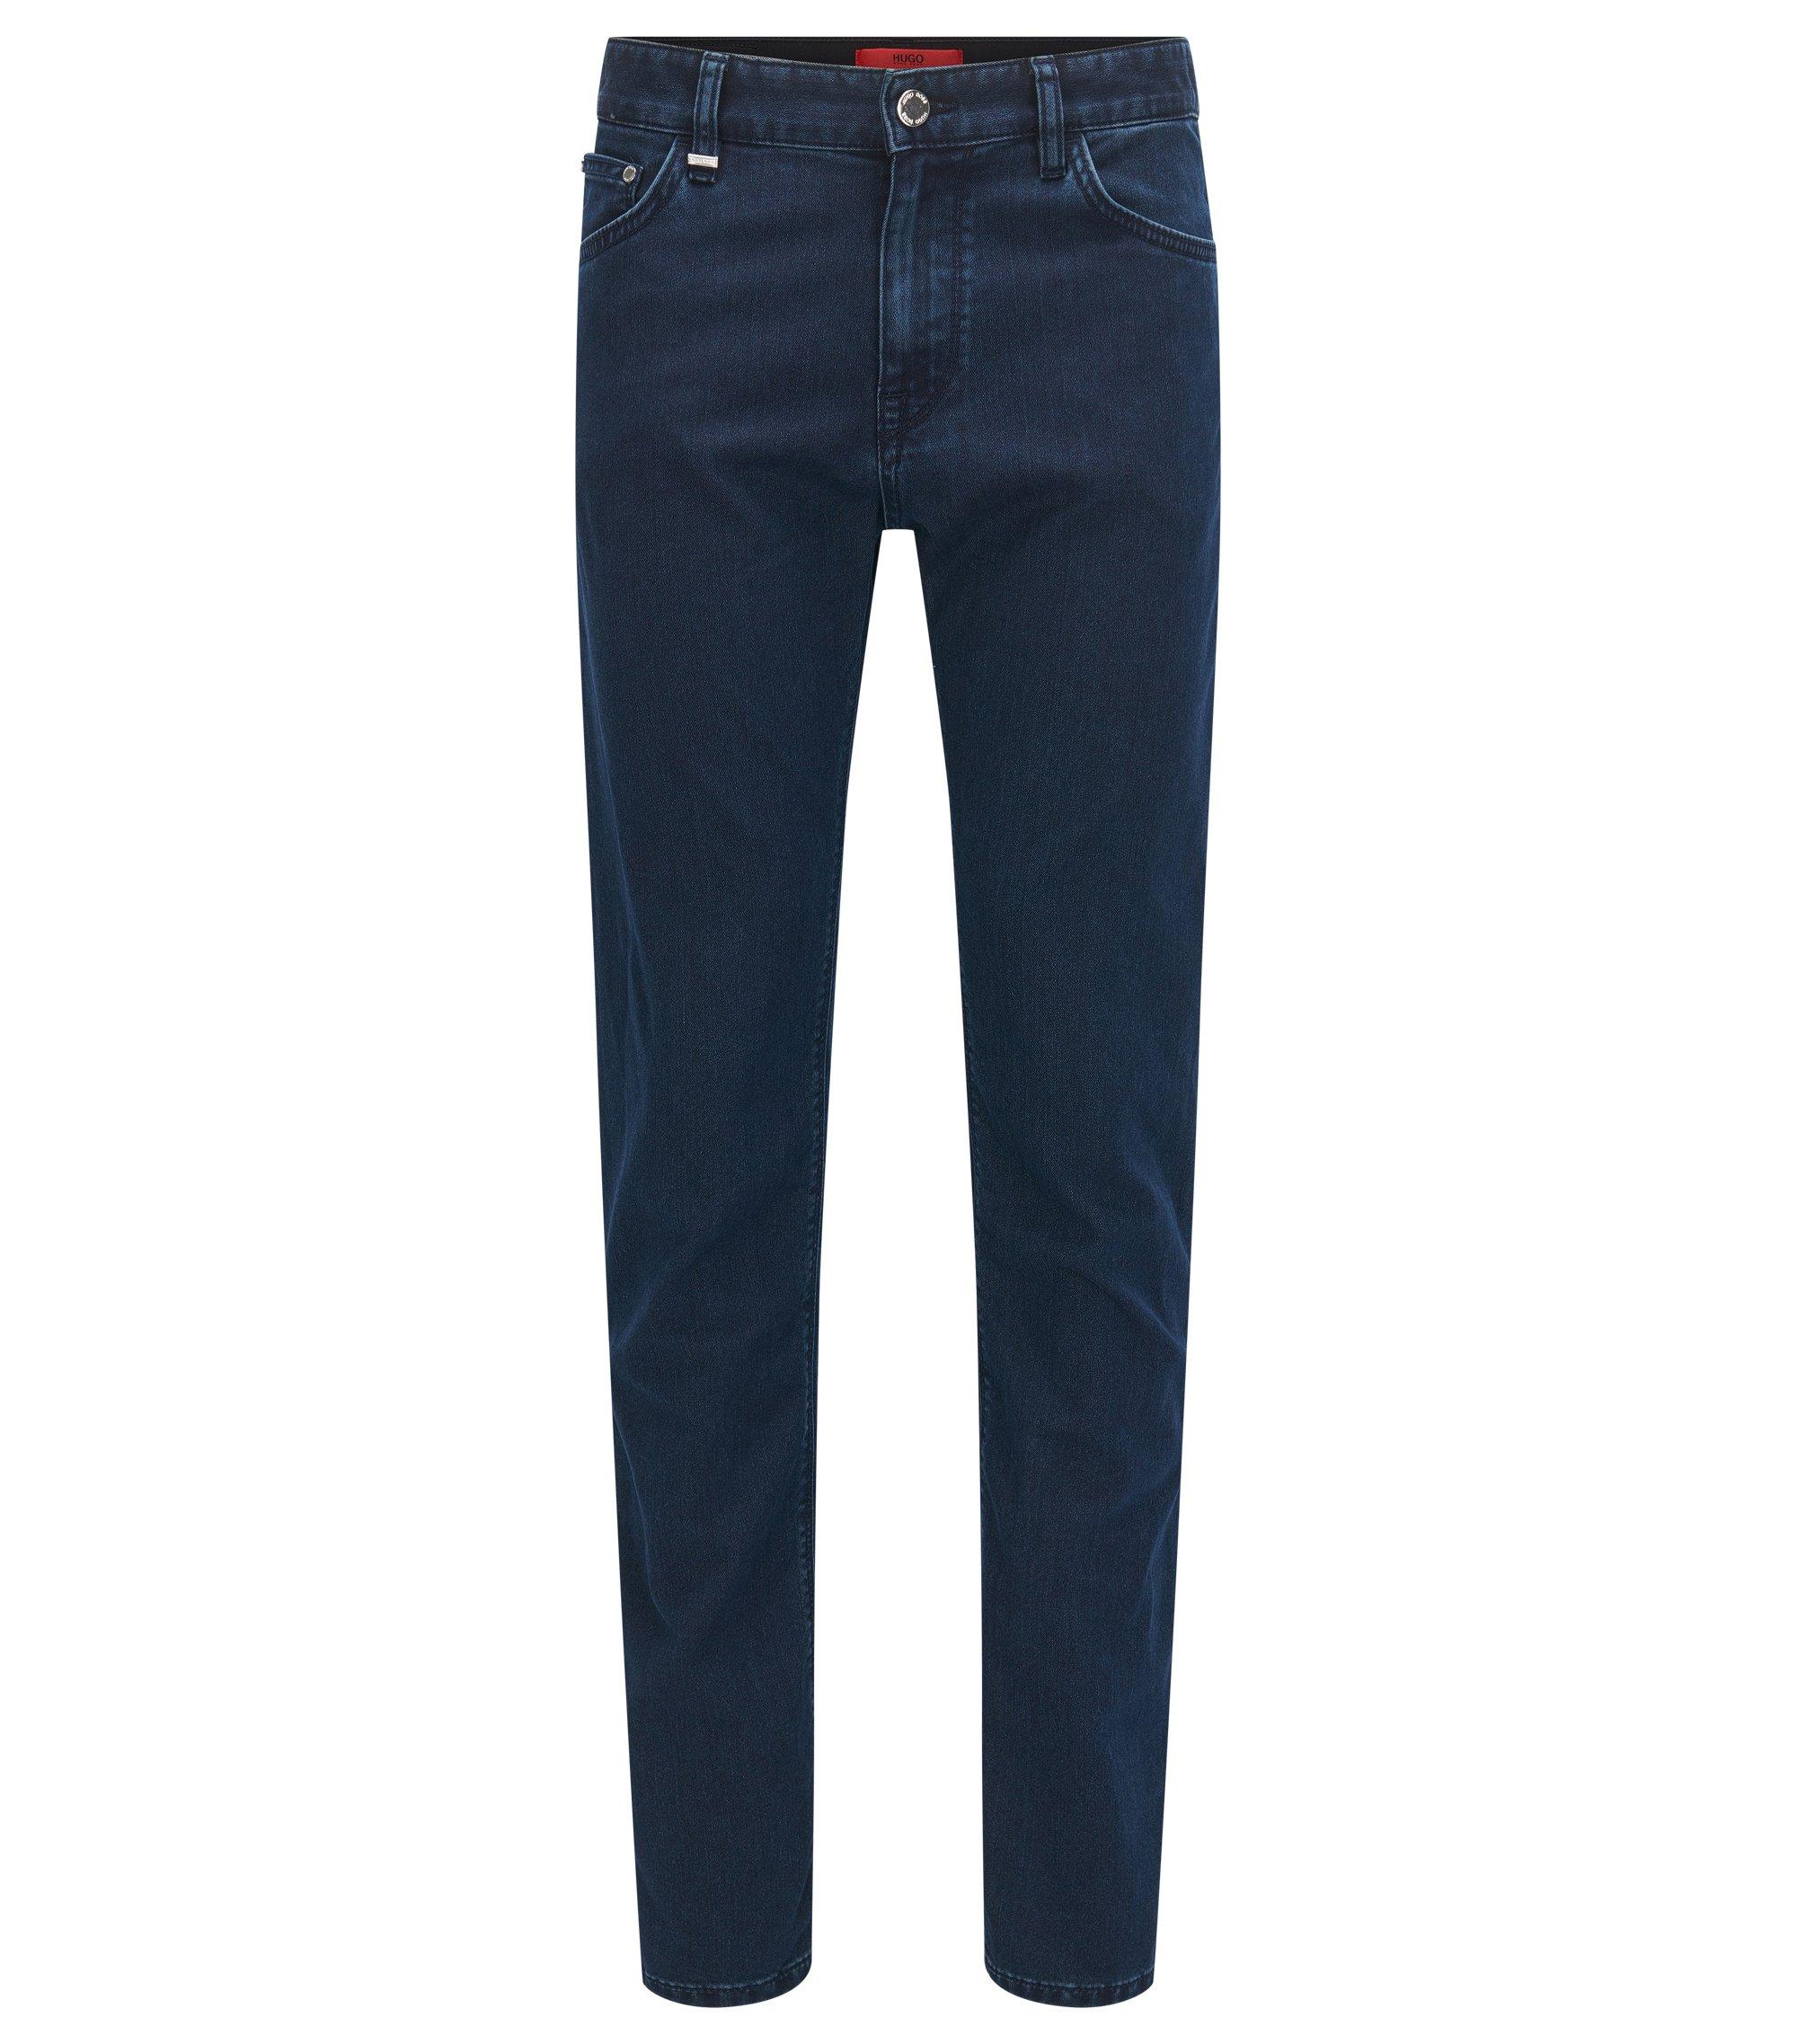 11 oz Stretch Cotton Jeans, Regular Fit | Maine, Dark Blue